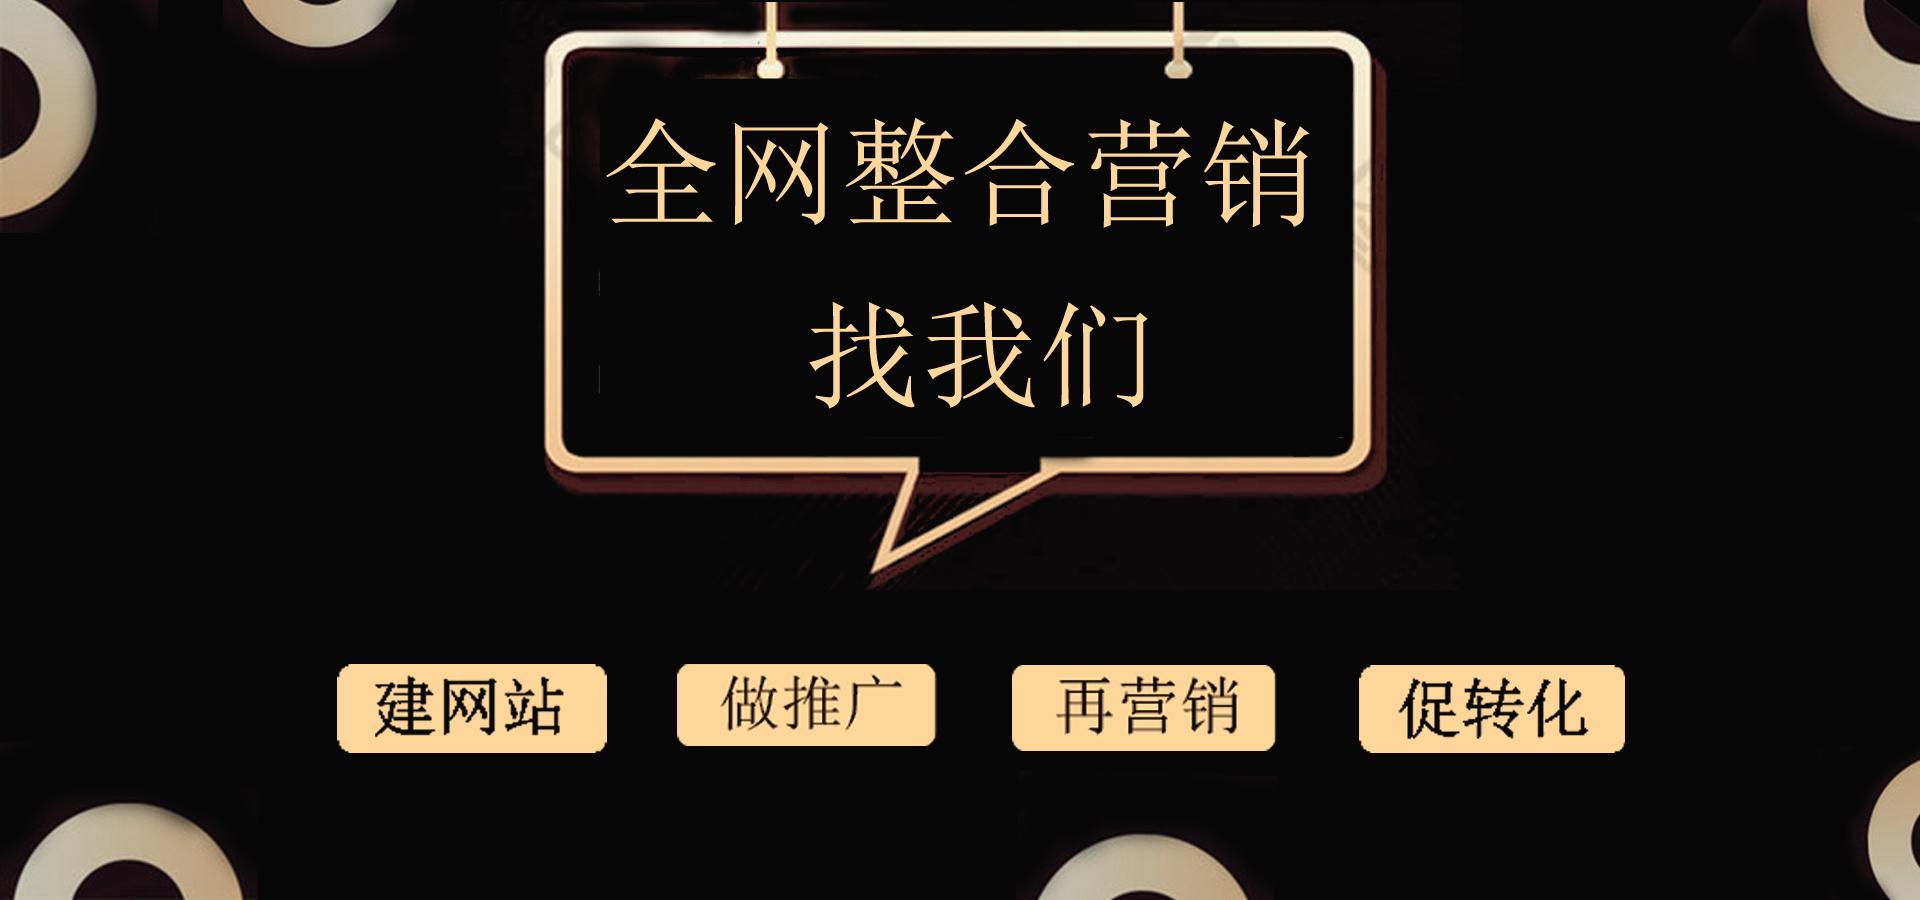 T云网络营销